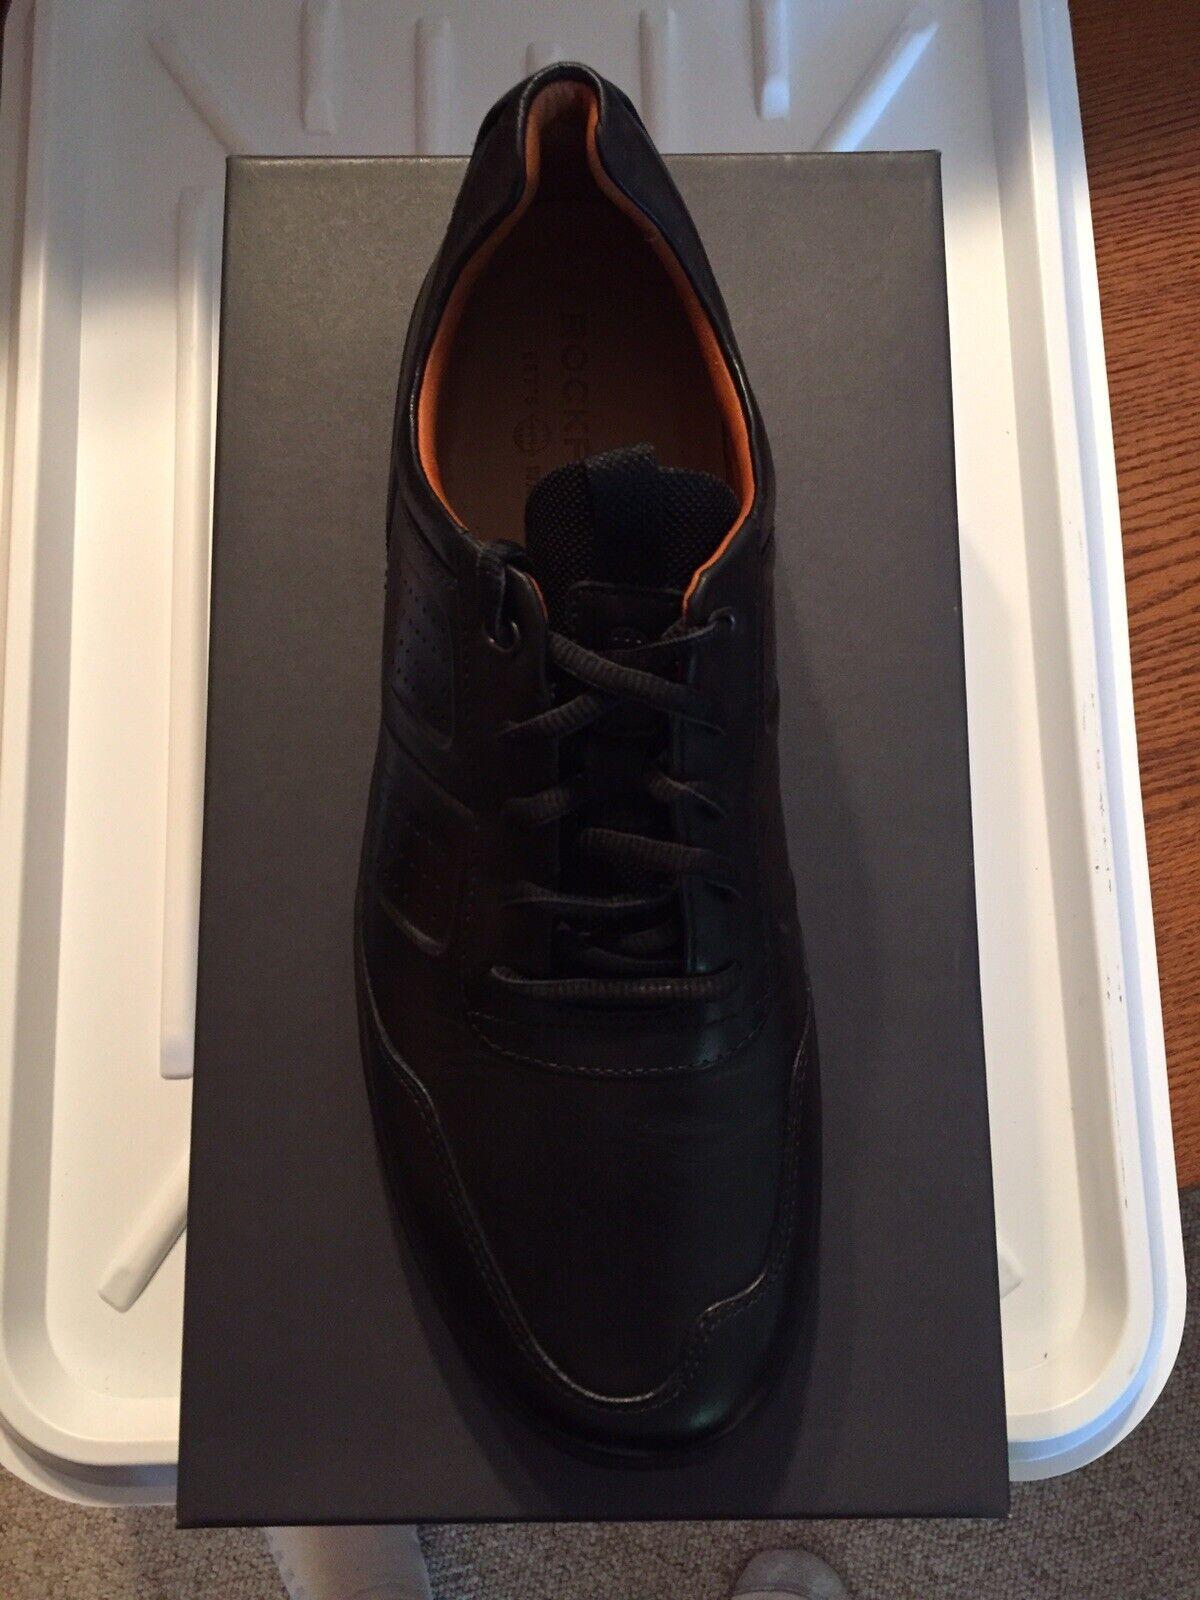 Rockport Lets walk vestido   ocio negro Oxford Code masculino 9,5 metros.